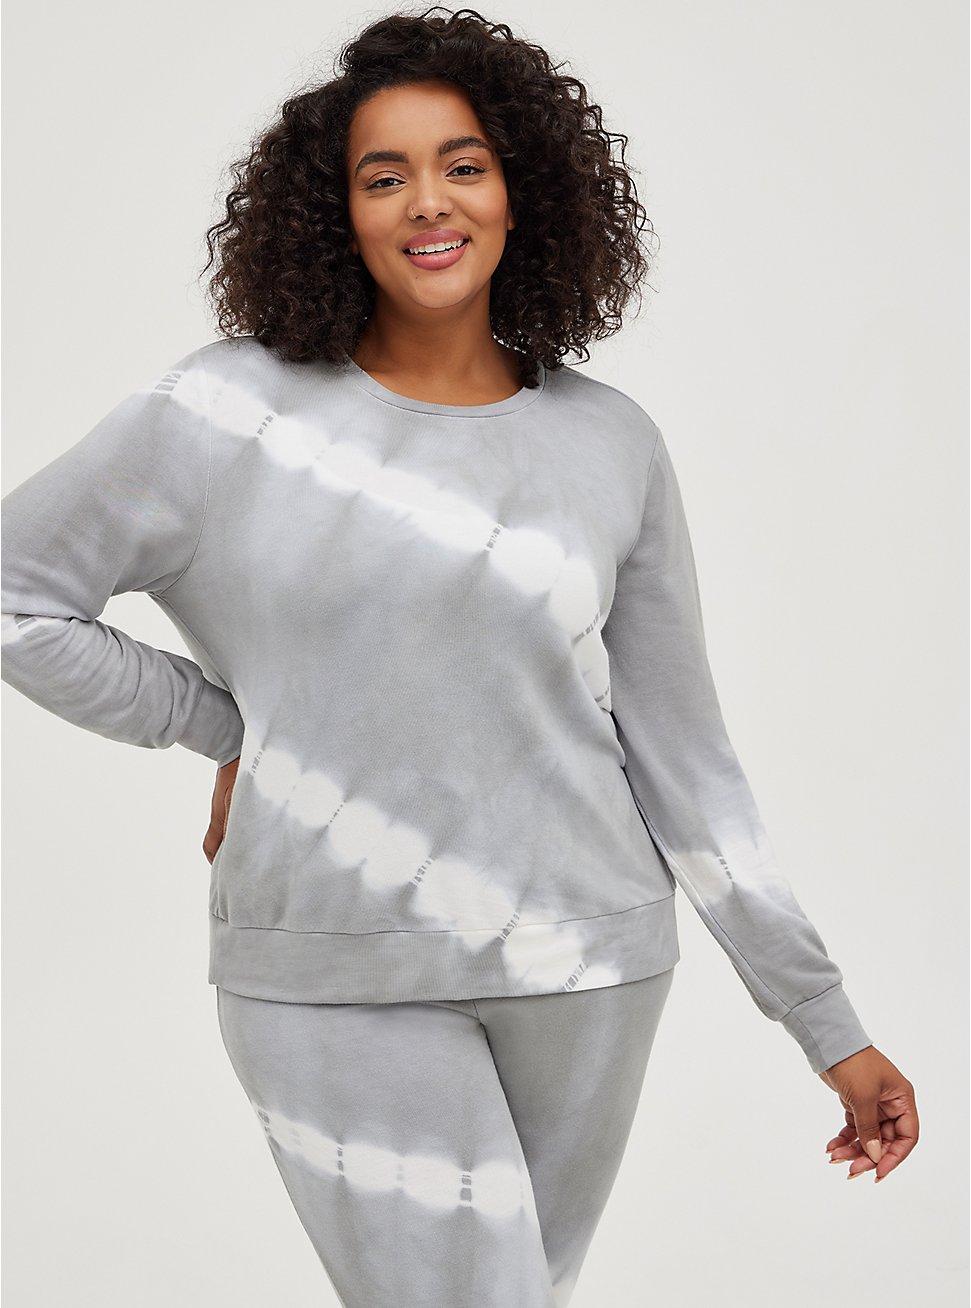 Sleep Sweatshirt - Micro Modal Tie Dye Grey, MULTI, hi-res